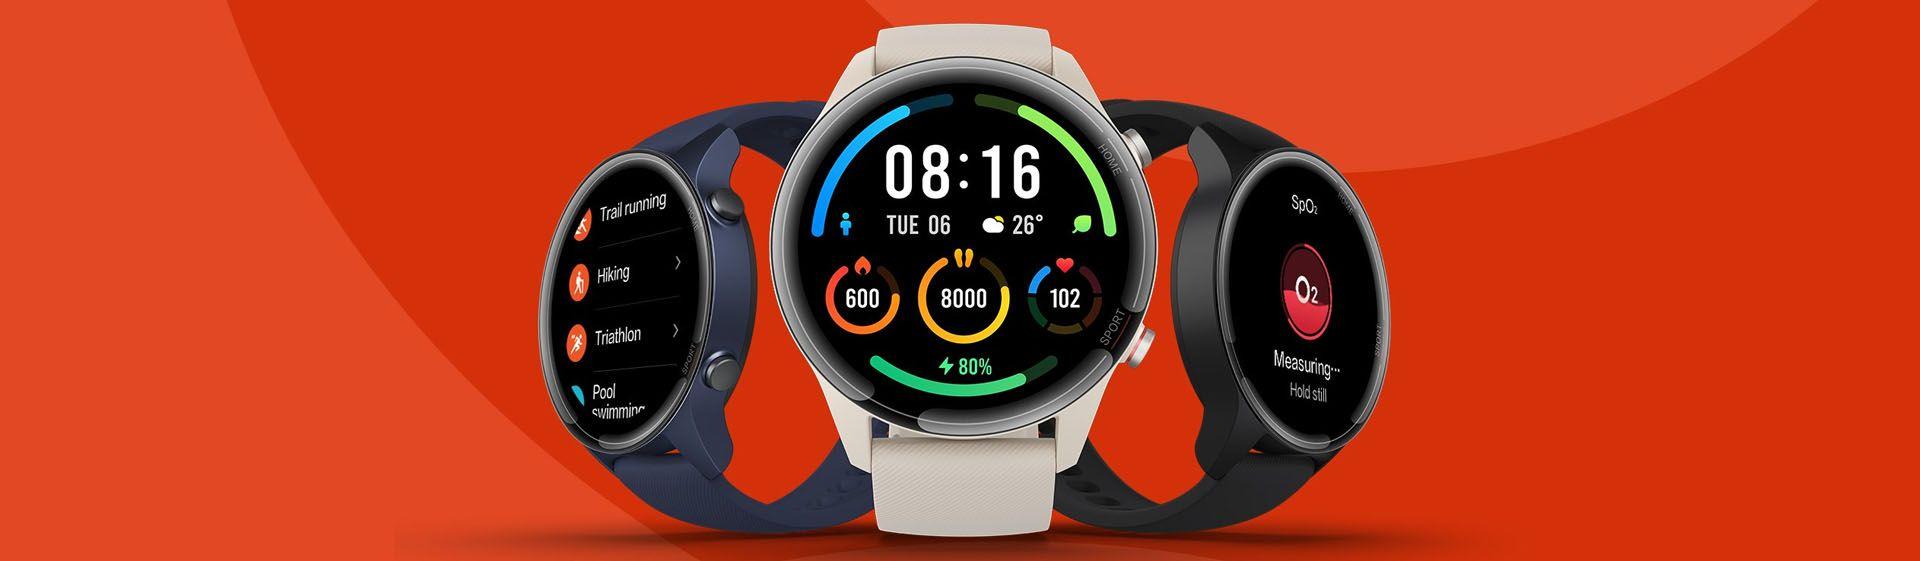 Xiaomi apresenta smartwatch Mi Watch no Brasil